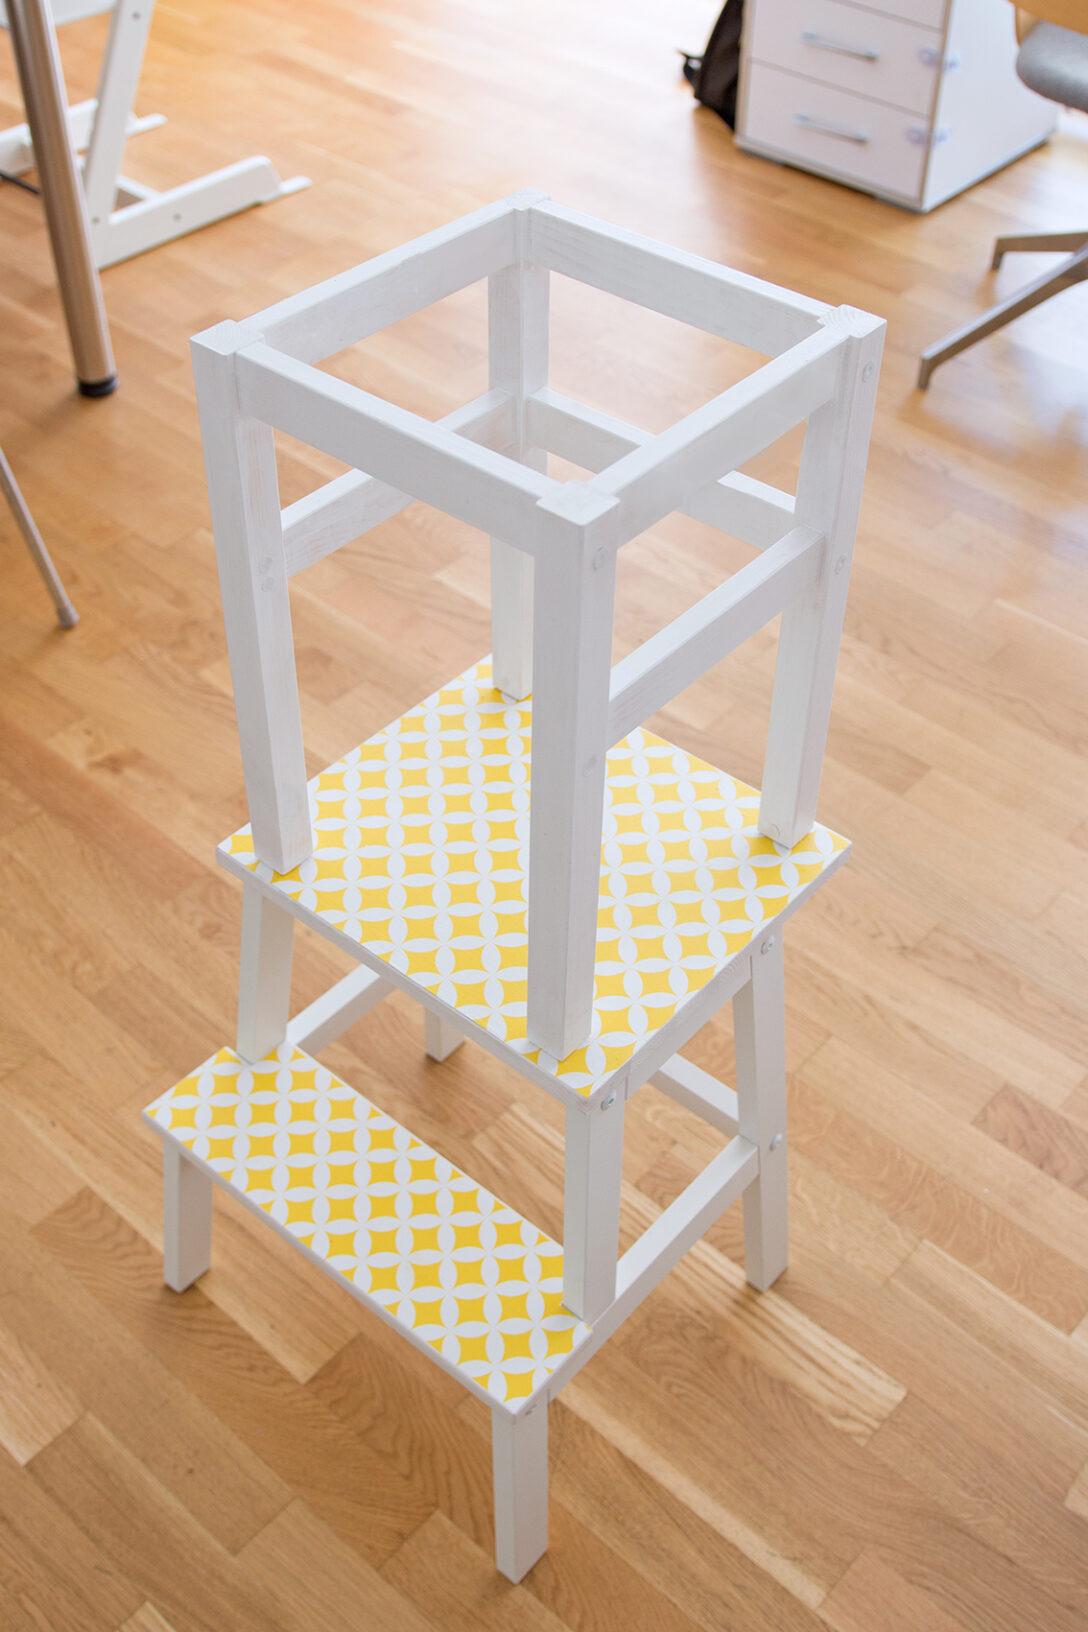 Large Size of Stehhilfe Büro Ikea Fr Kche Baby Nobilia Ausstellungsstck Küche Kosten Kaufen Betten Bei Modulküche Sofa Mit Schlaffunktion Miniküche Büroküche 160x200 Wohnzimmer Stehhilfe Büro Ikea